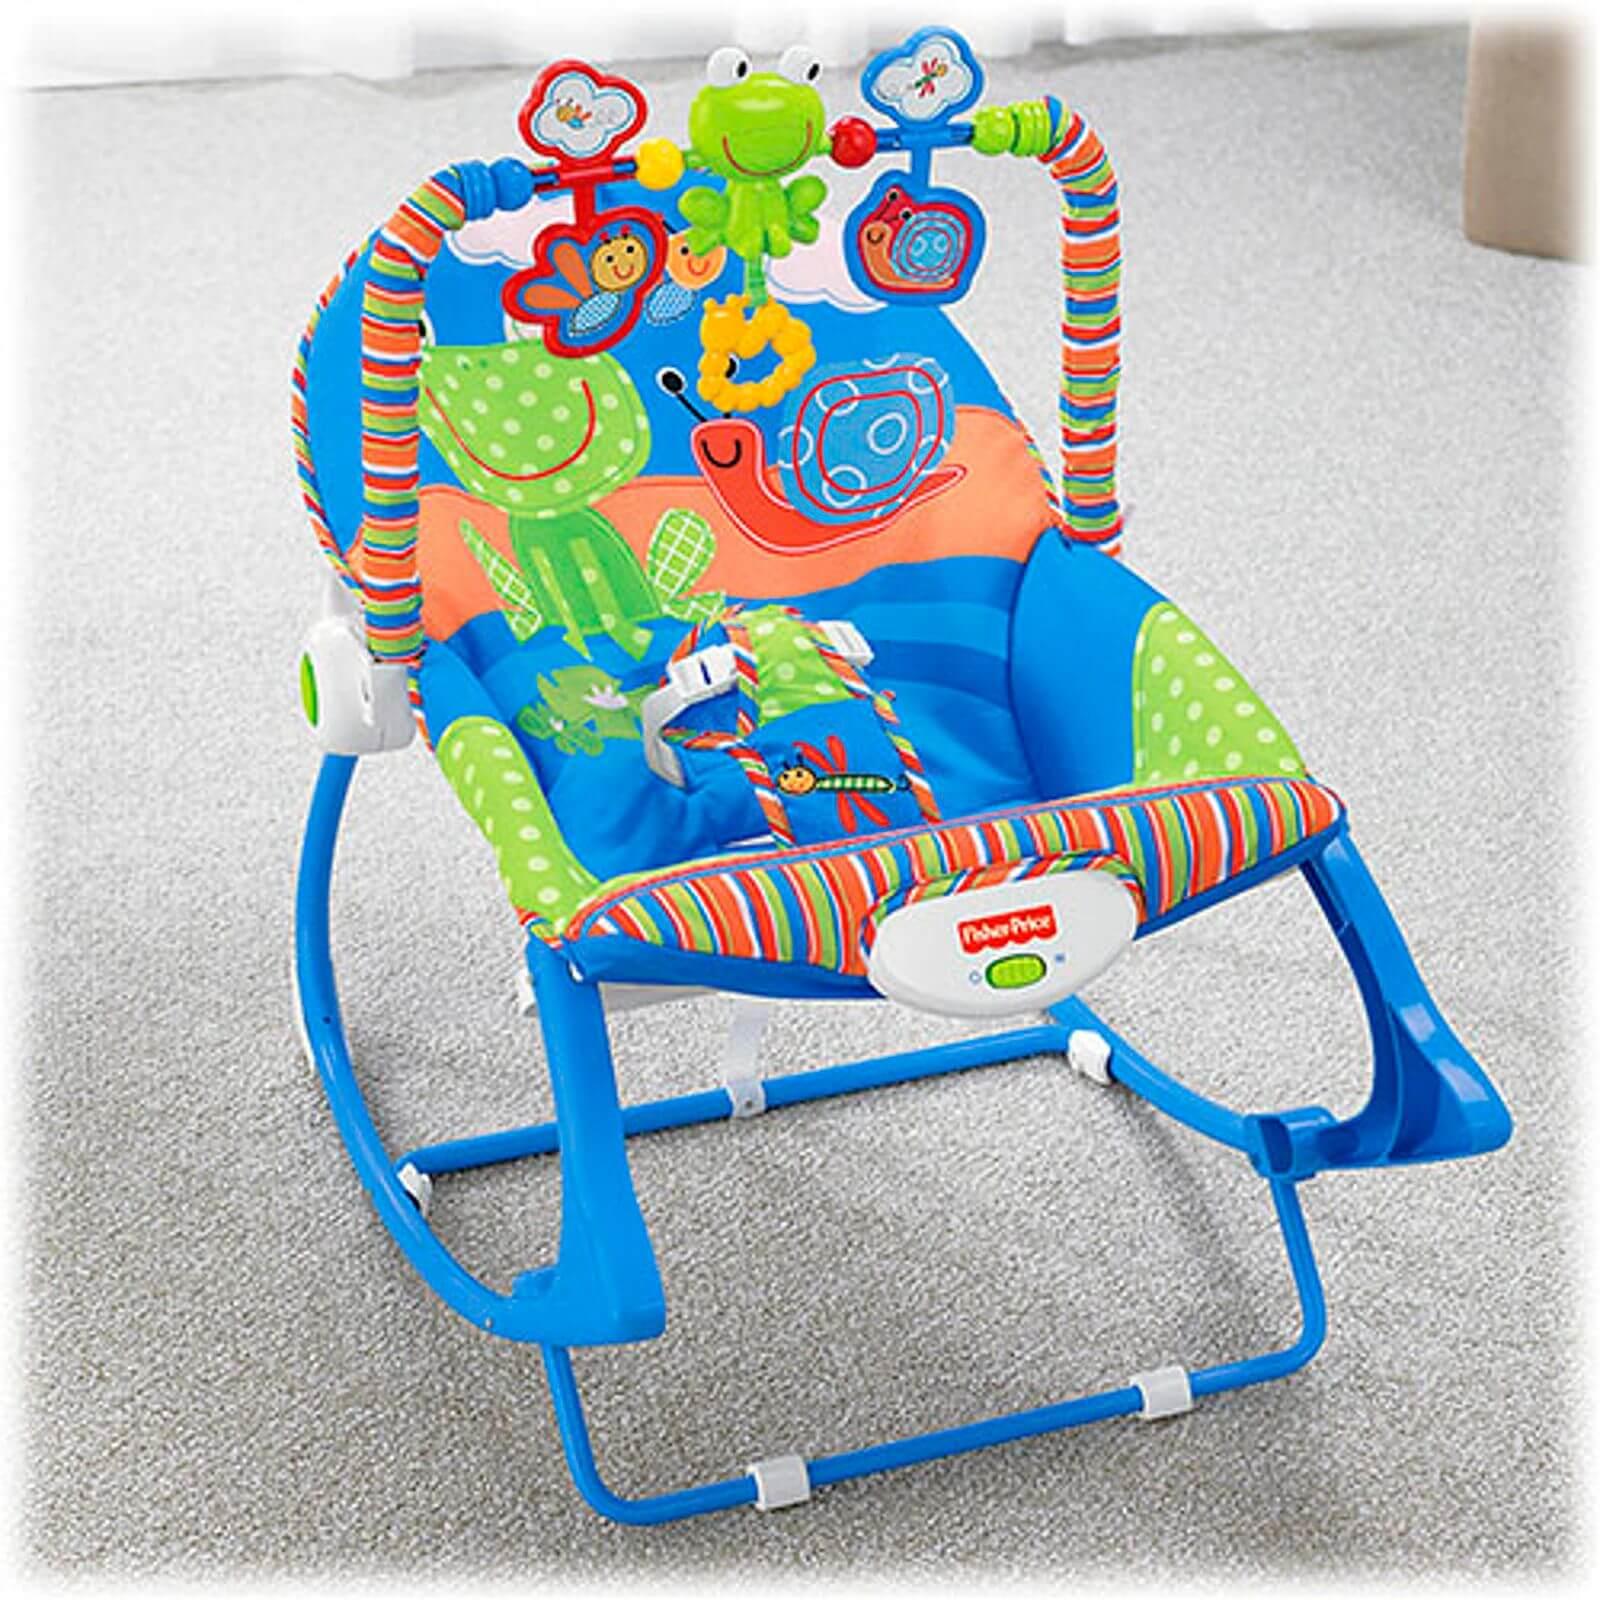 Cadeira de Balanço Minha Infância Sapinho X7033 Fisher Price